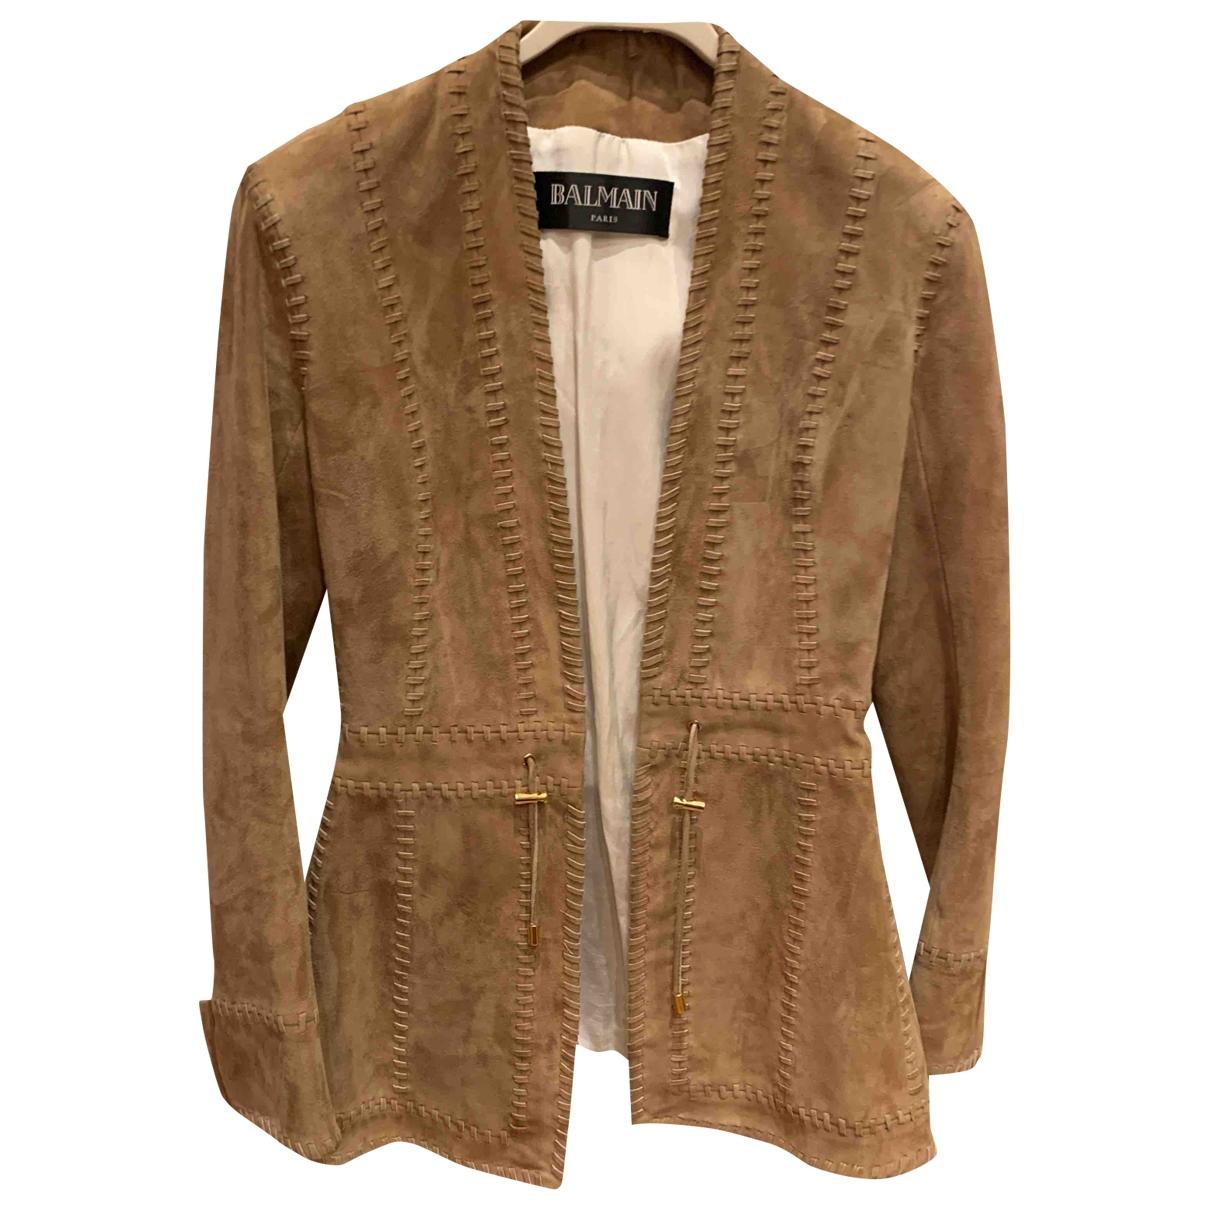 Balmain \N Beige Suede jacket for Women 36 FR